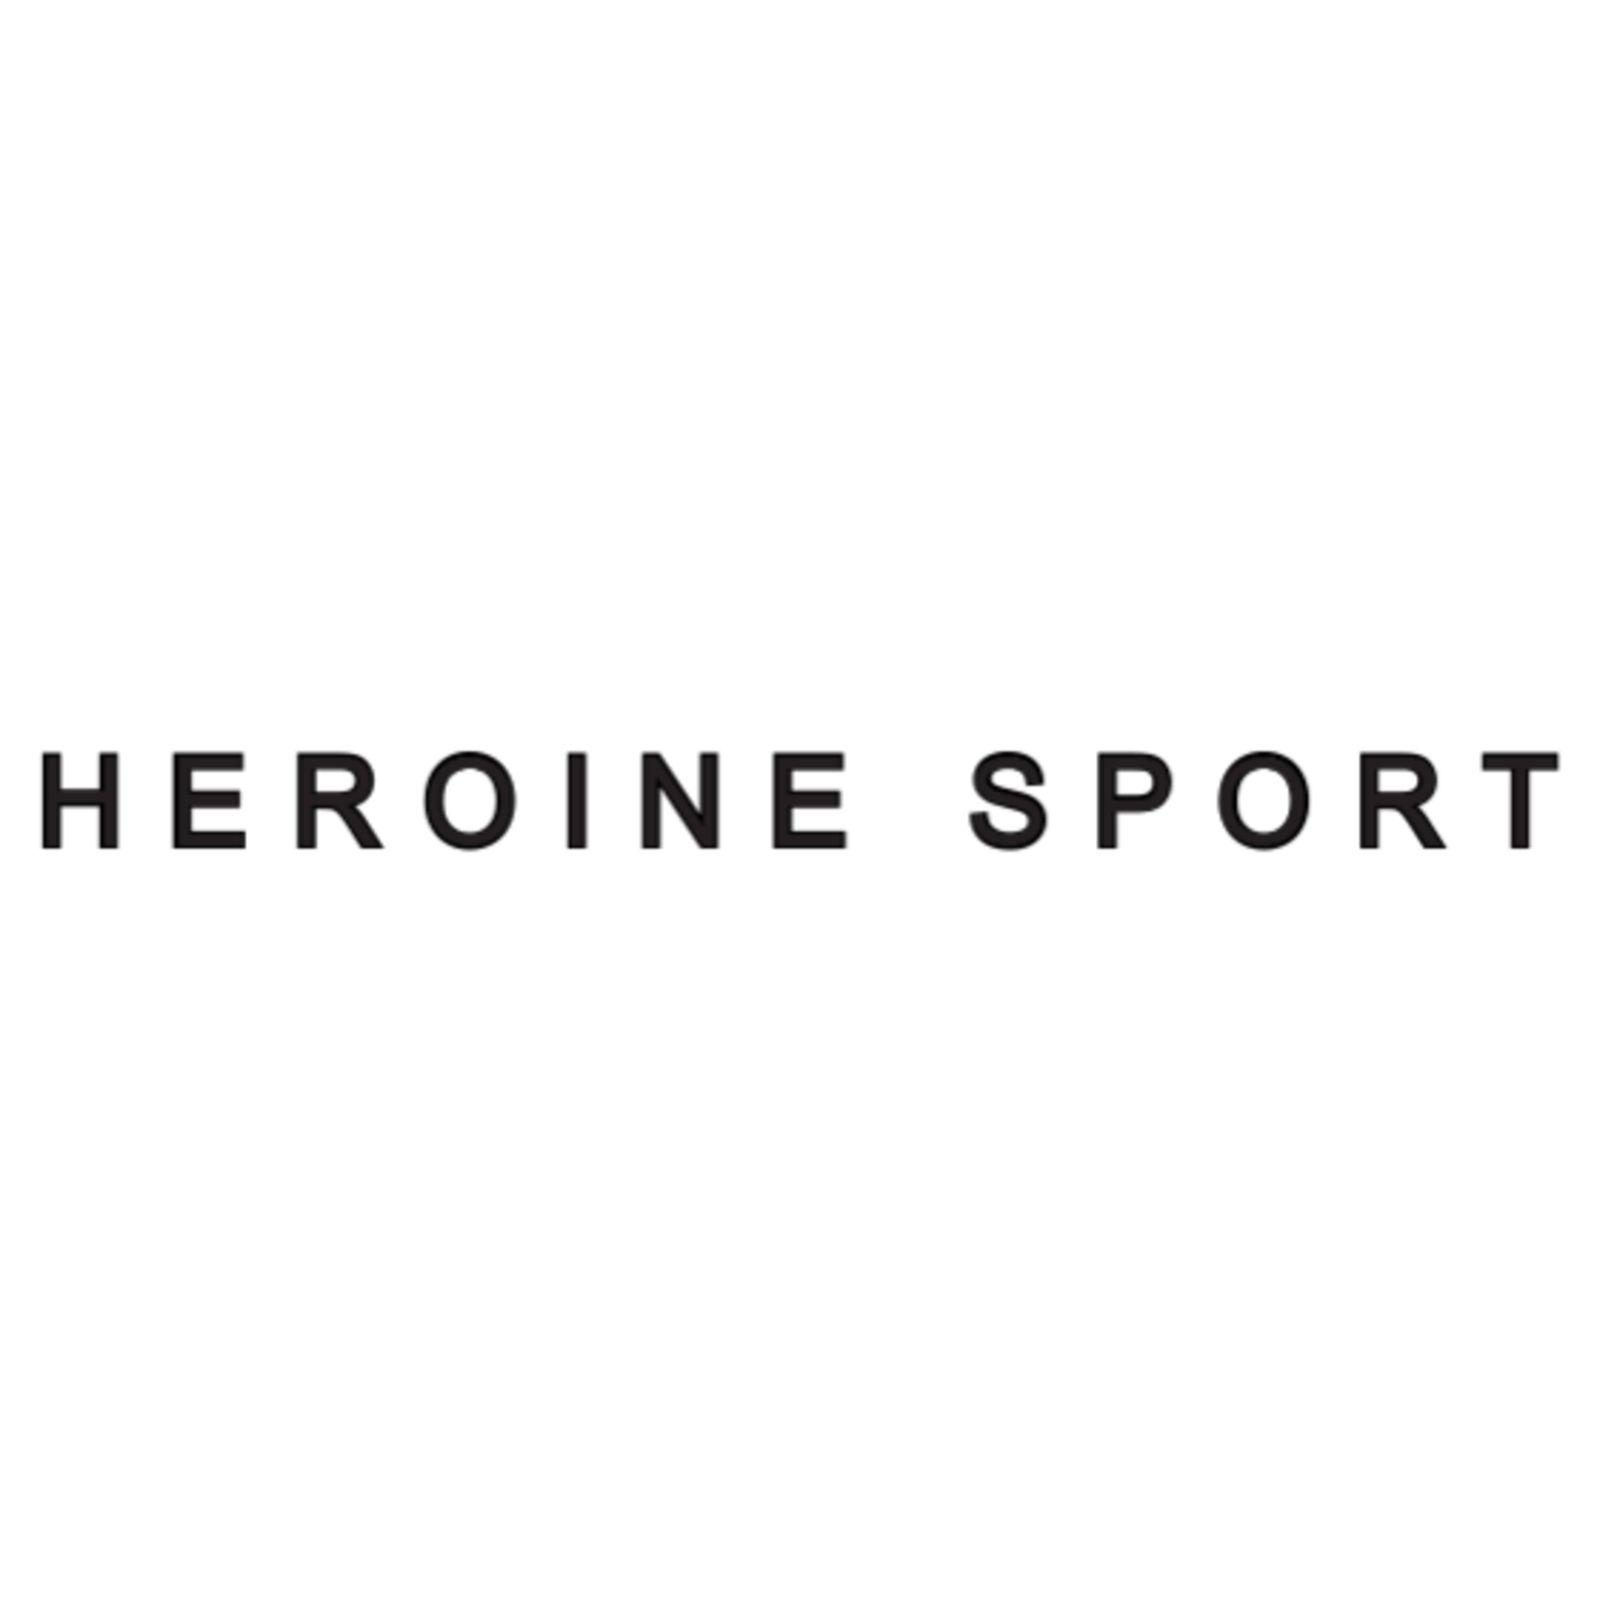 HEROINE SPORT